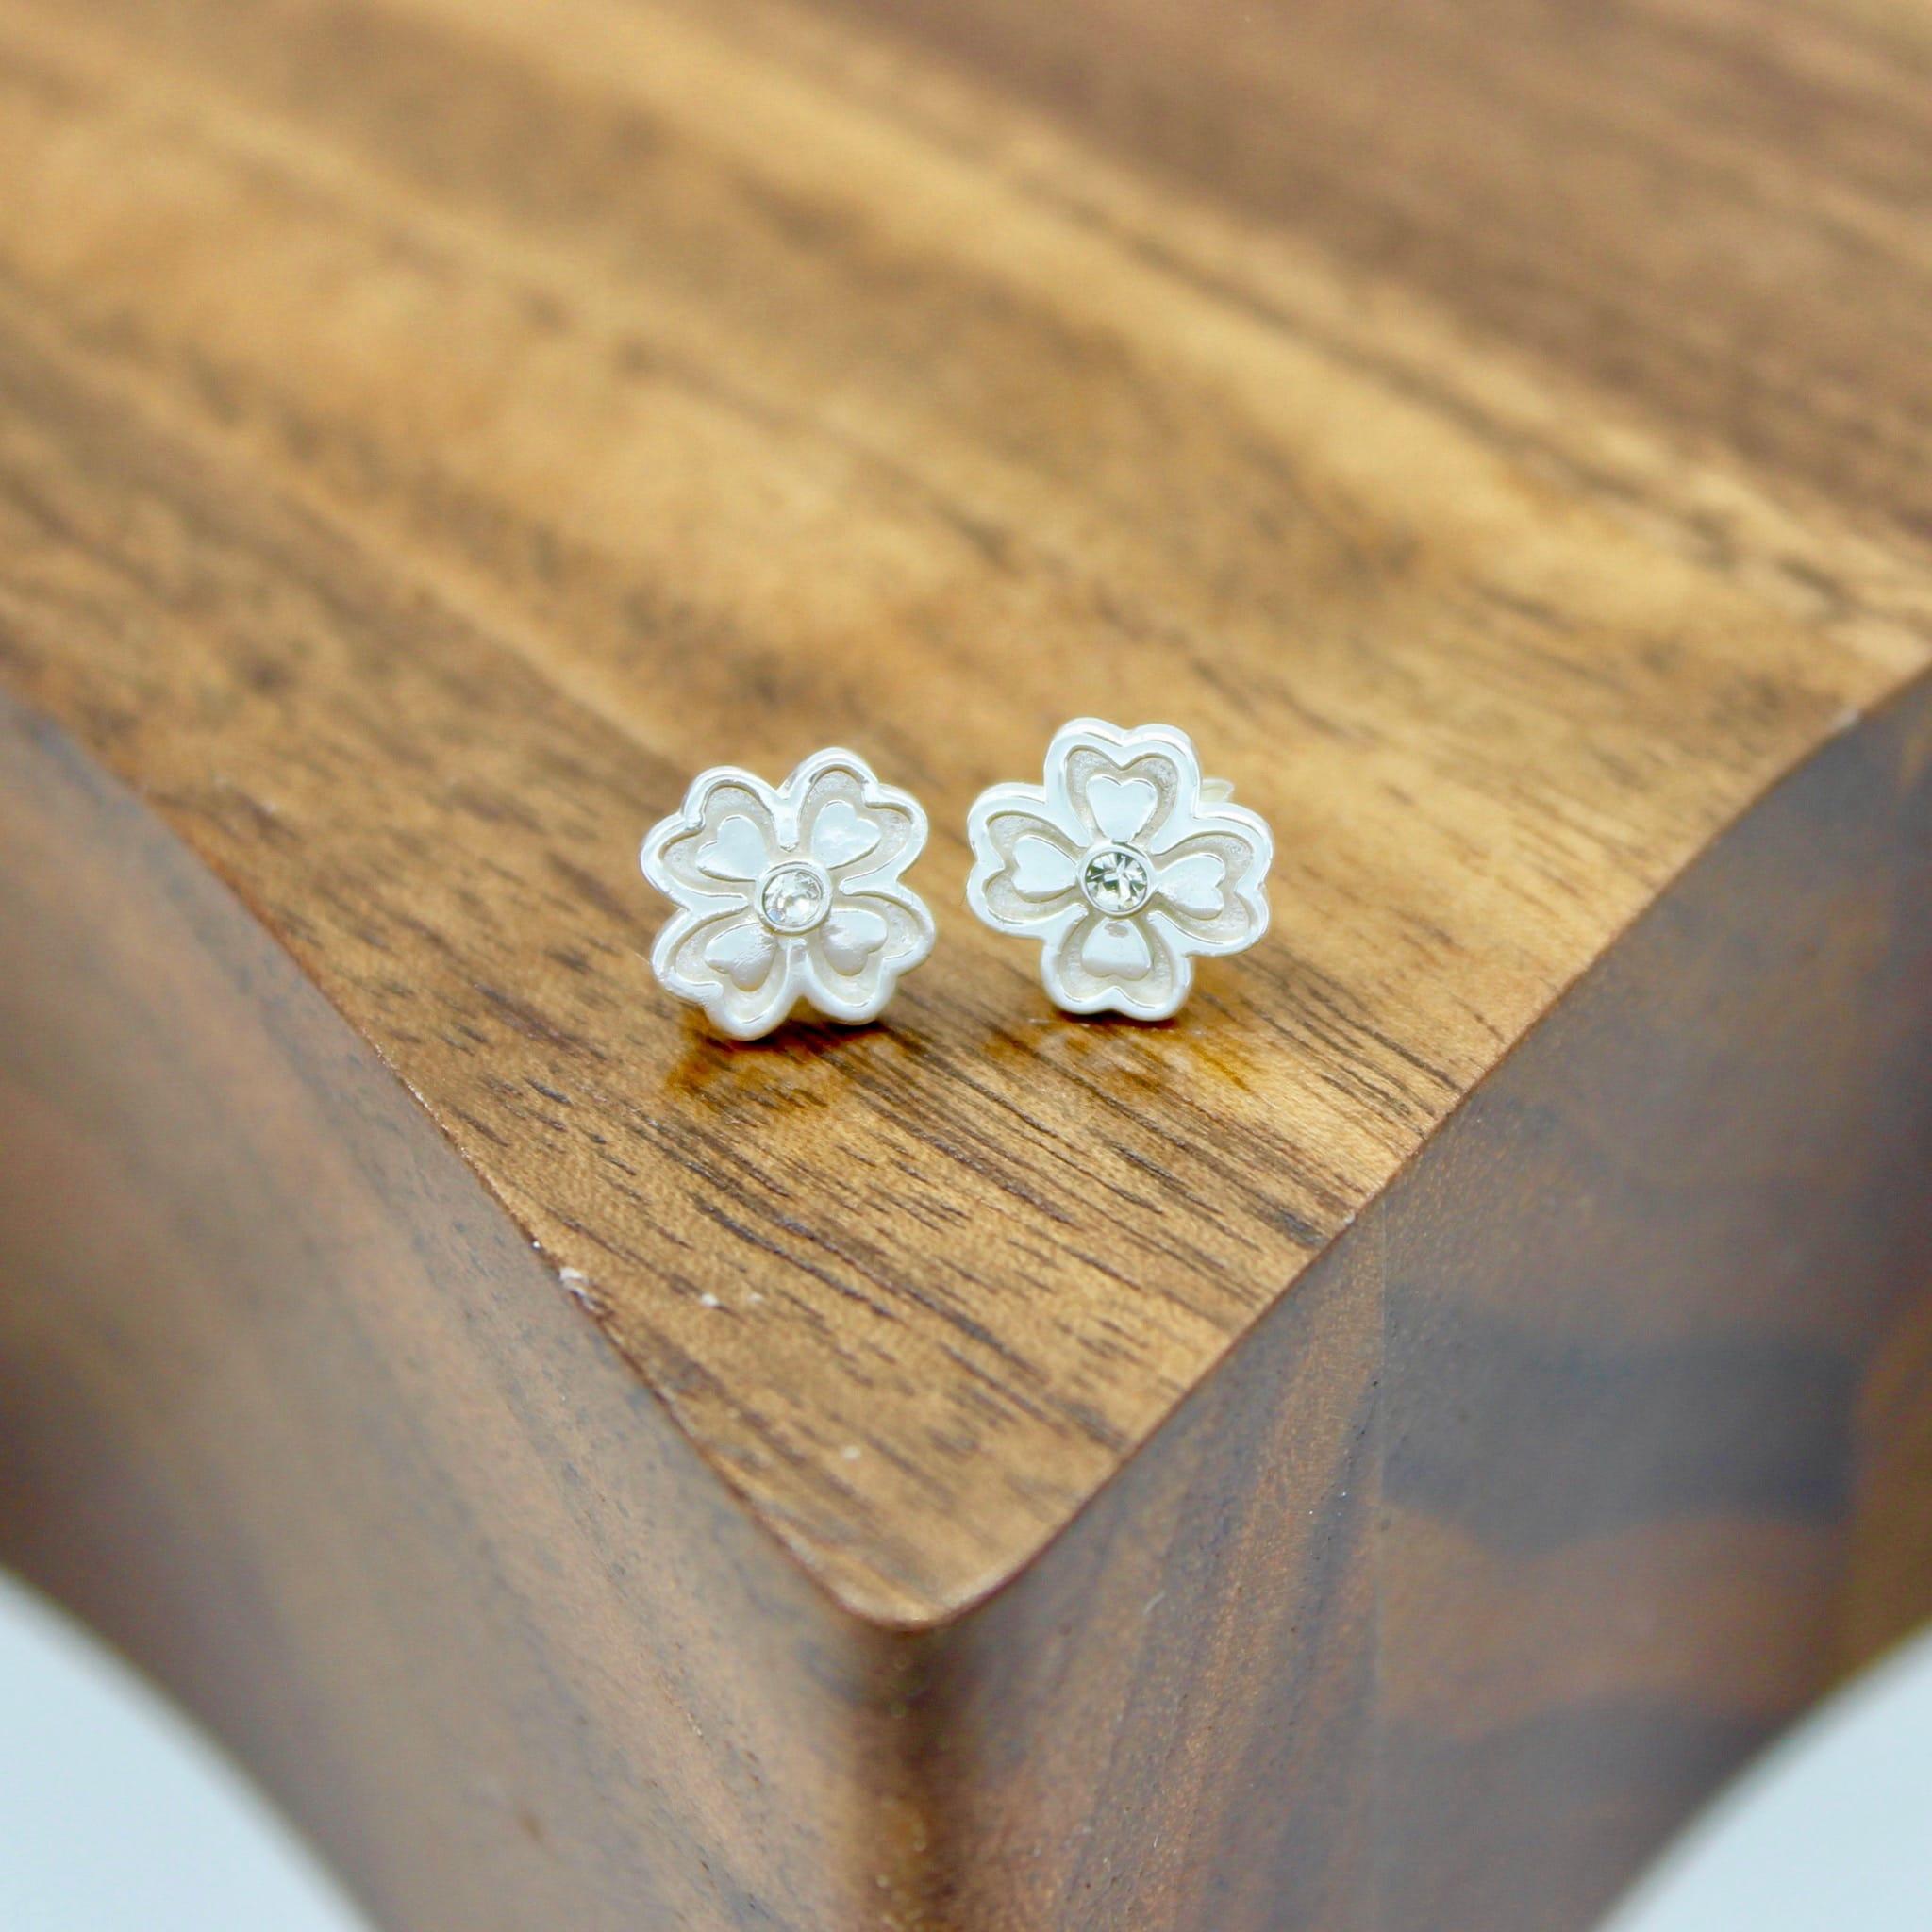 Crystal Lucky Clover Stud earrings